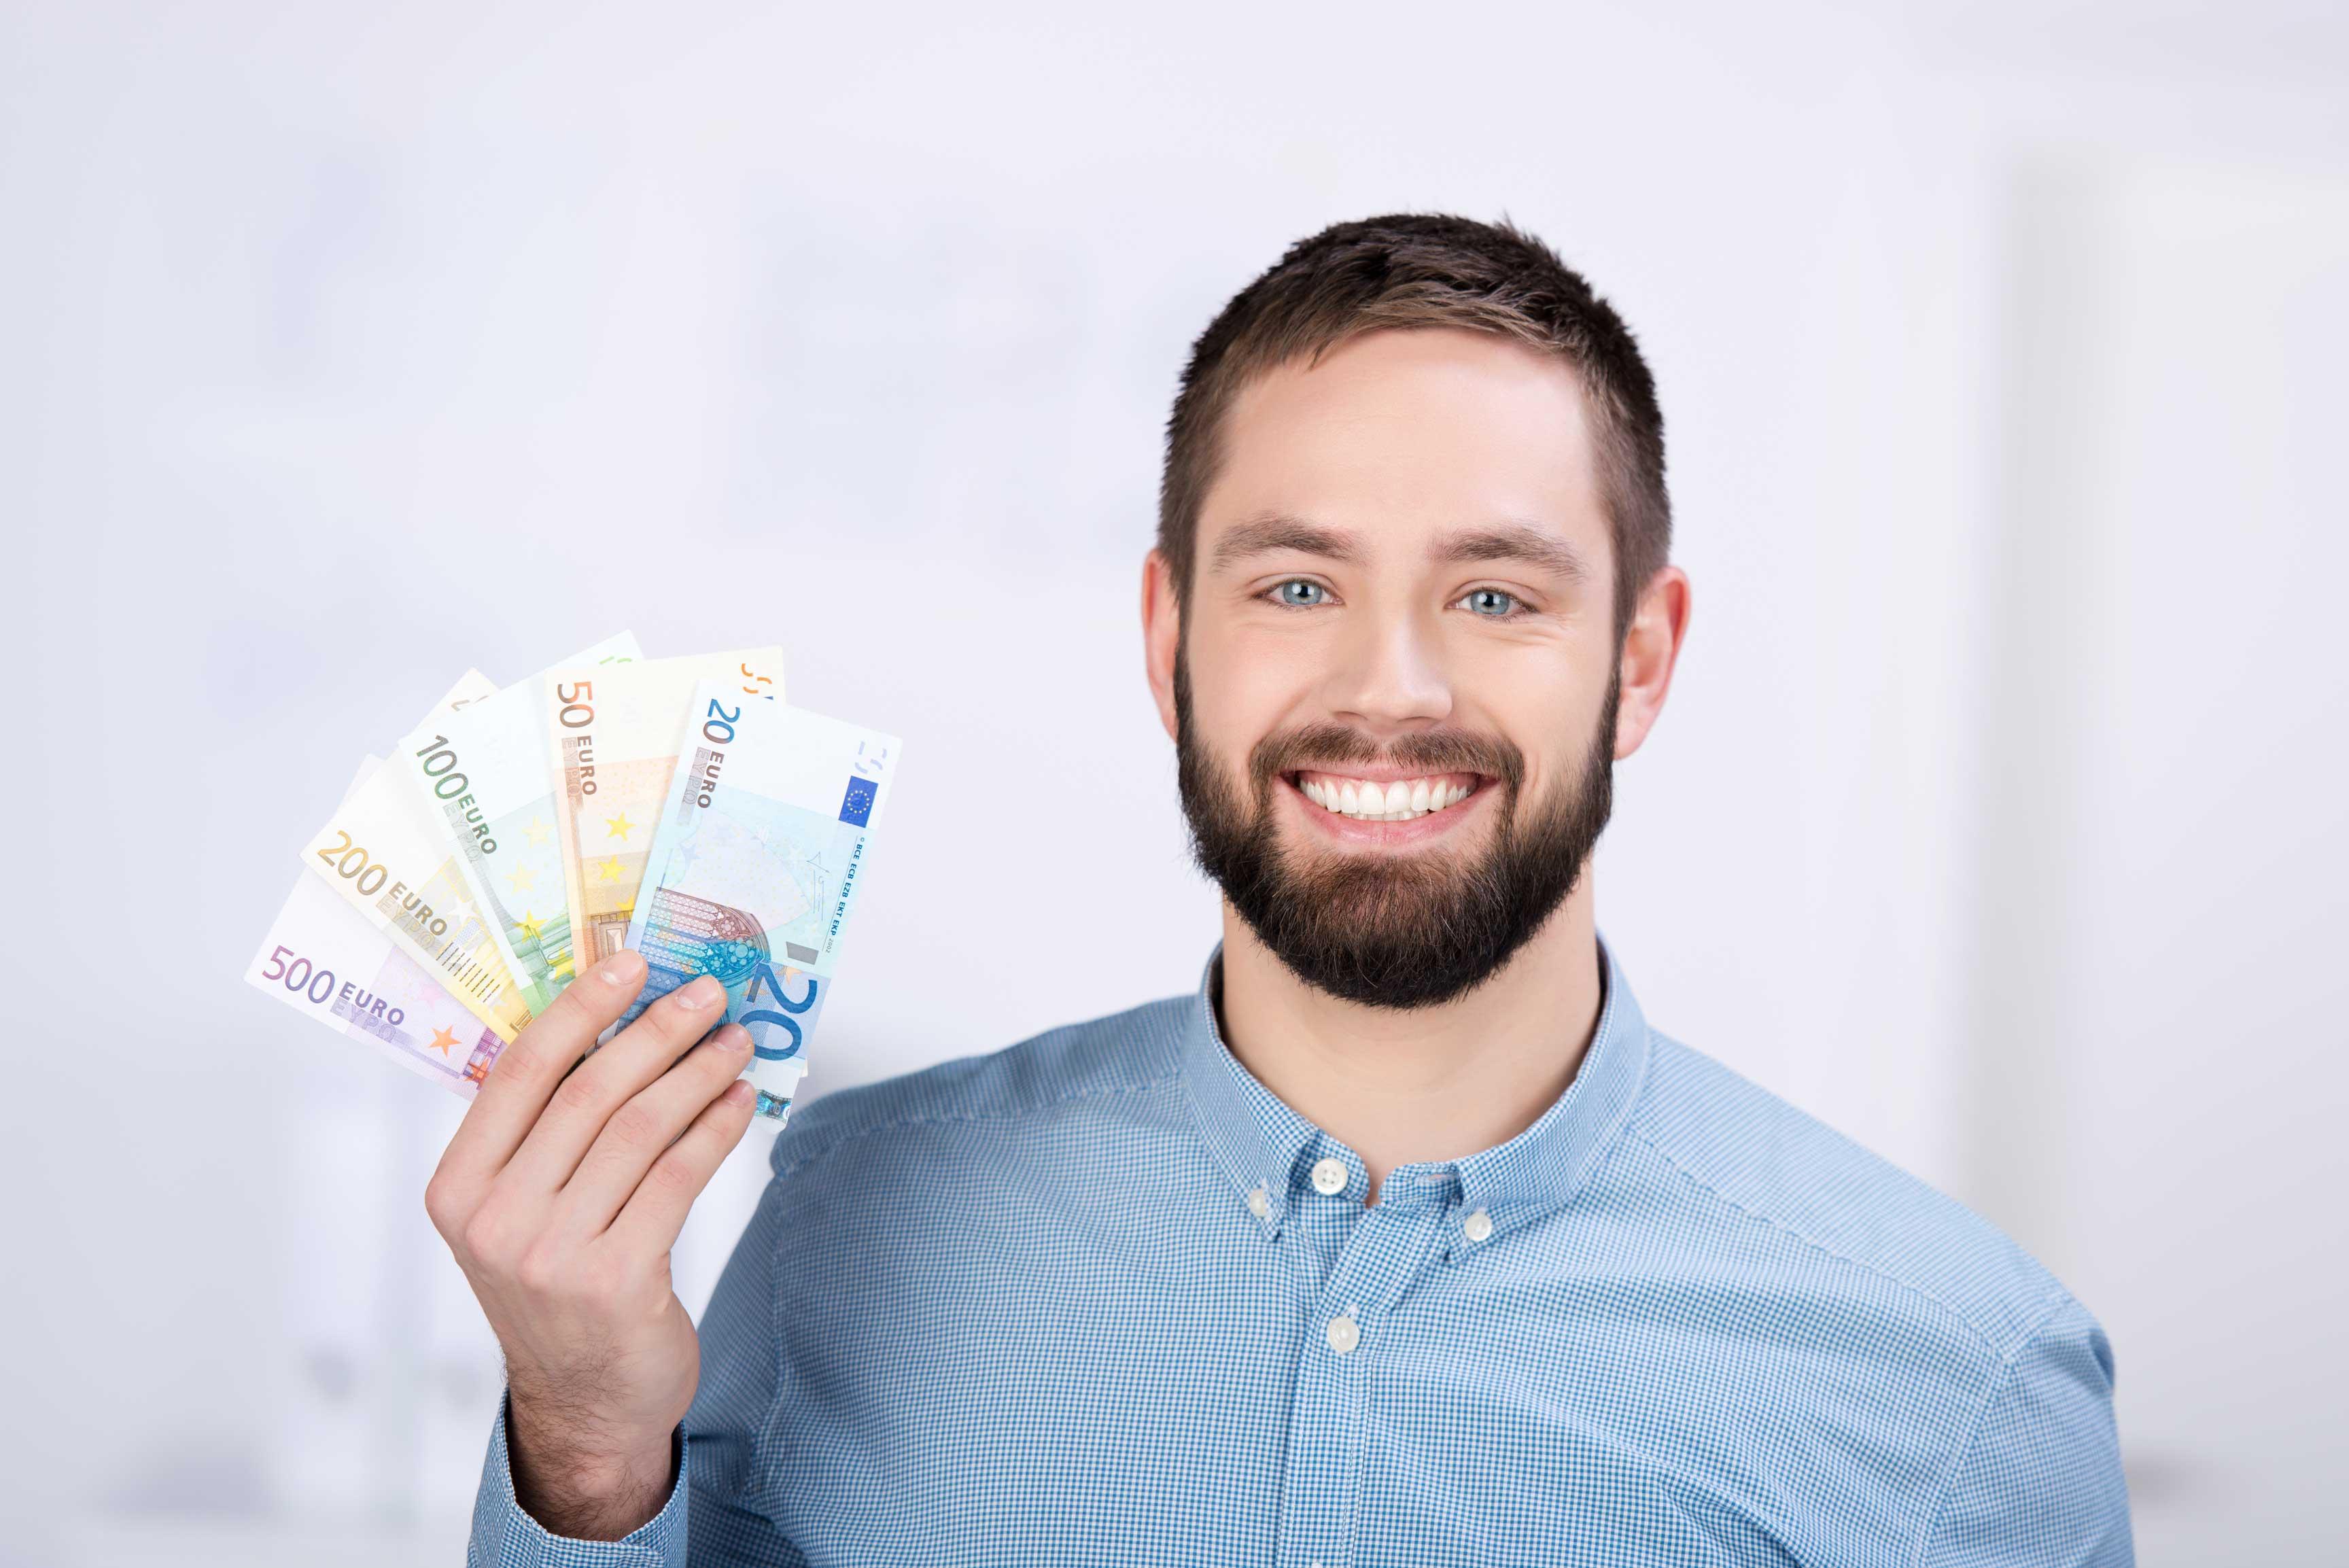 Junger Student mit hält ein Bündel Geldscheine nach oben und freut sich.